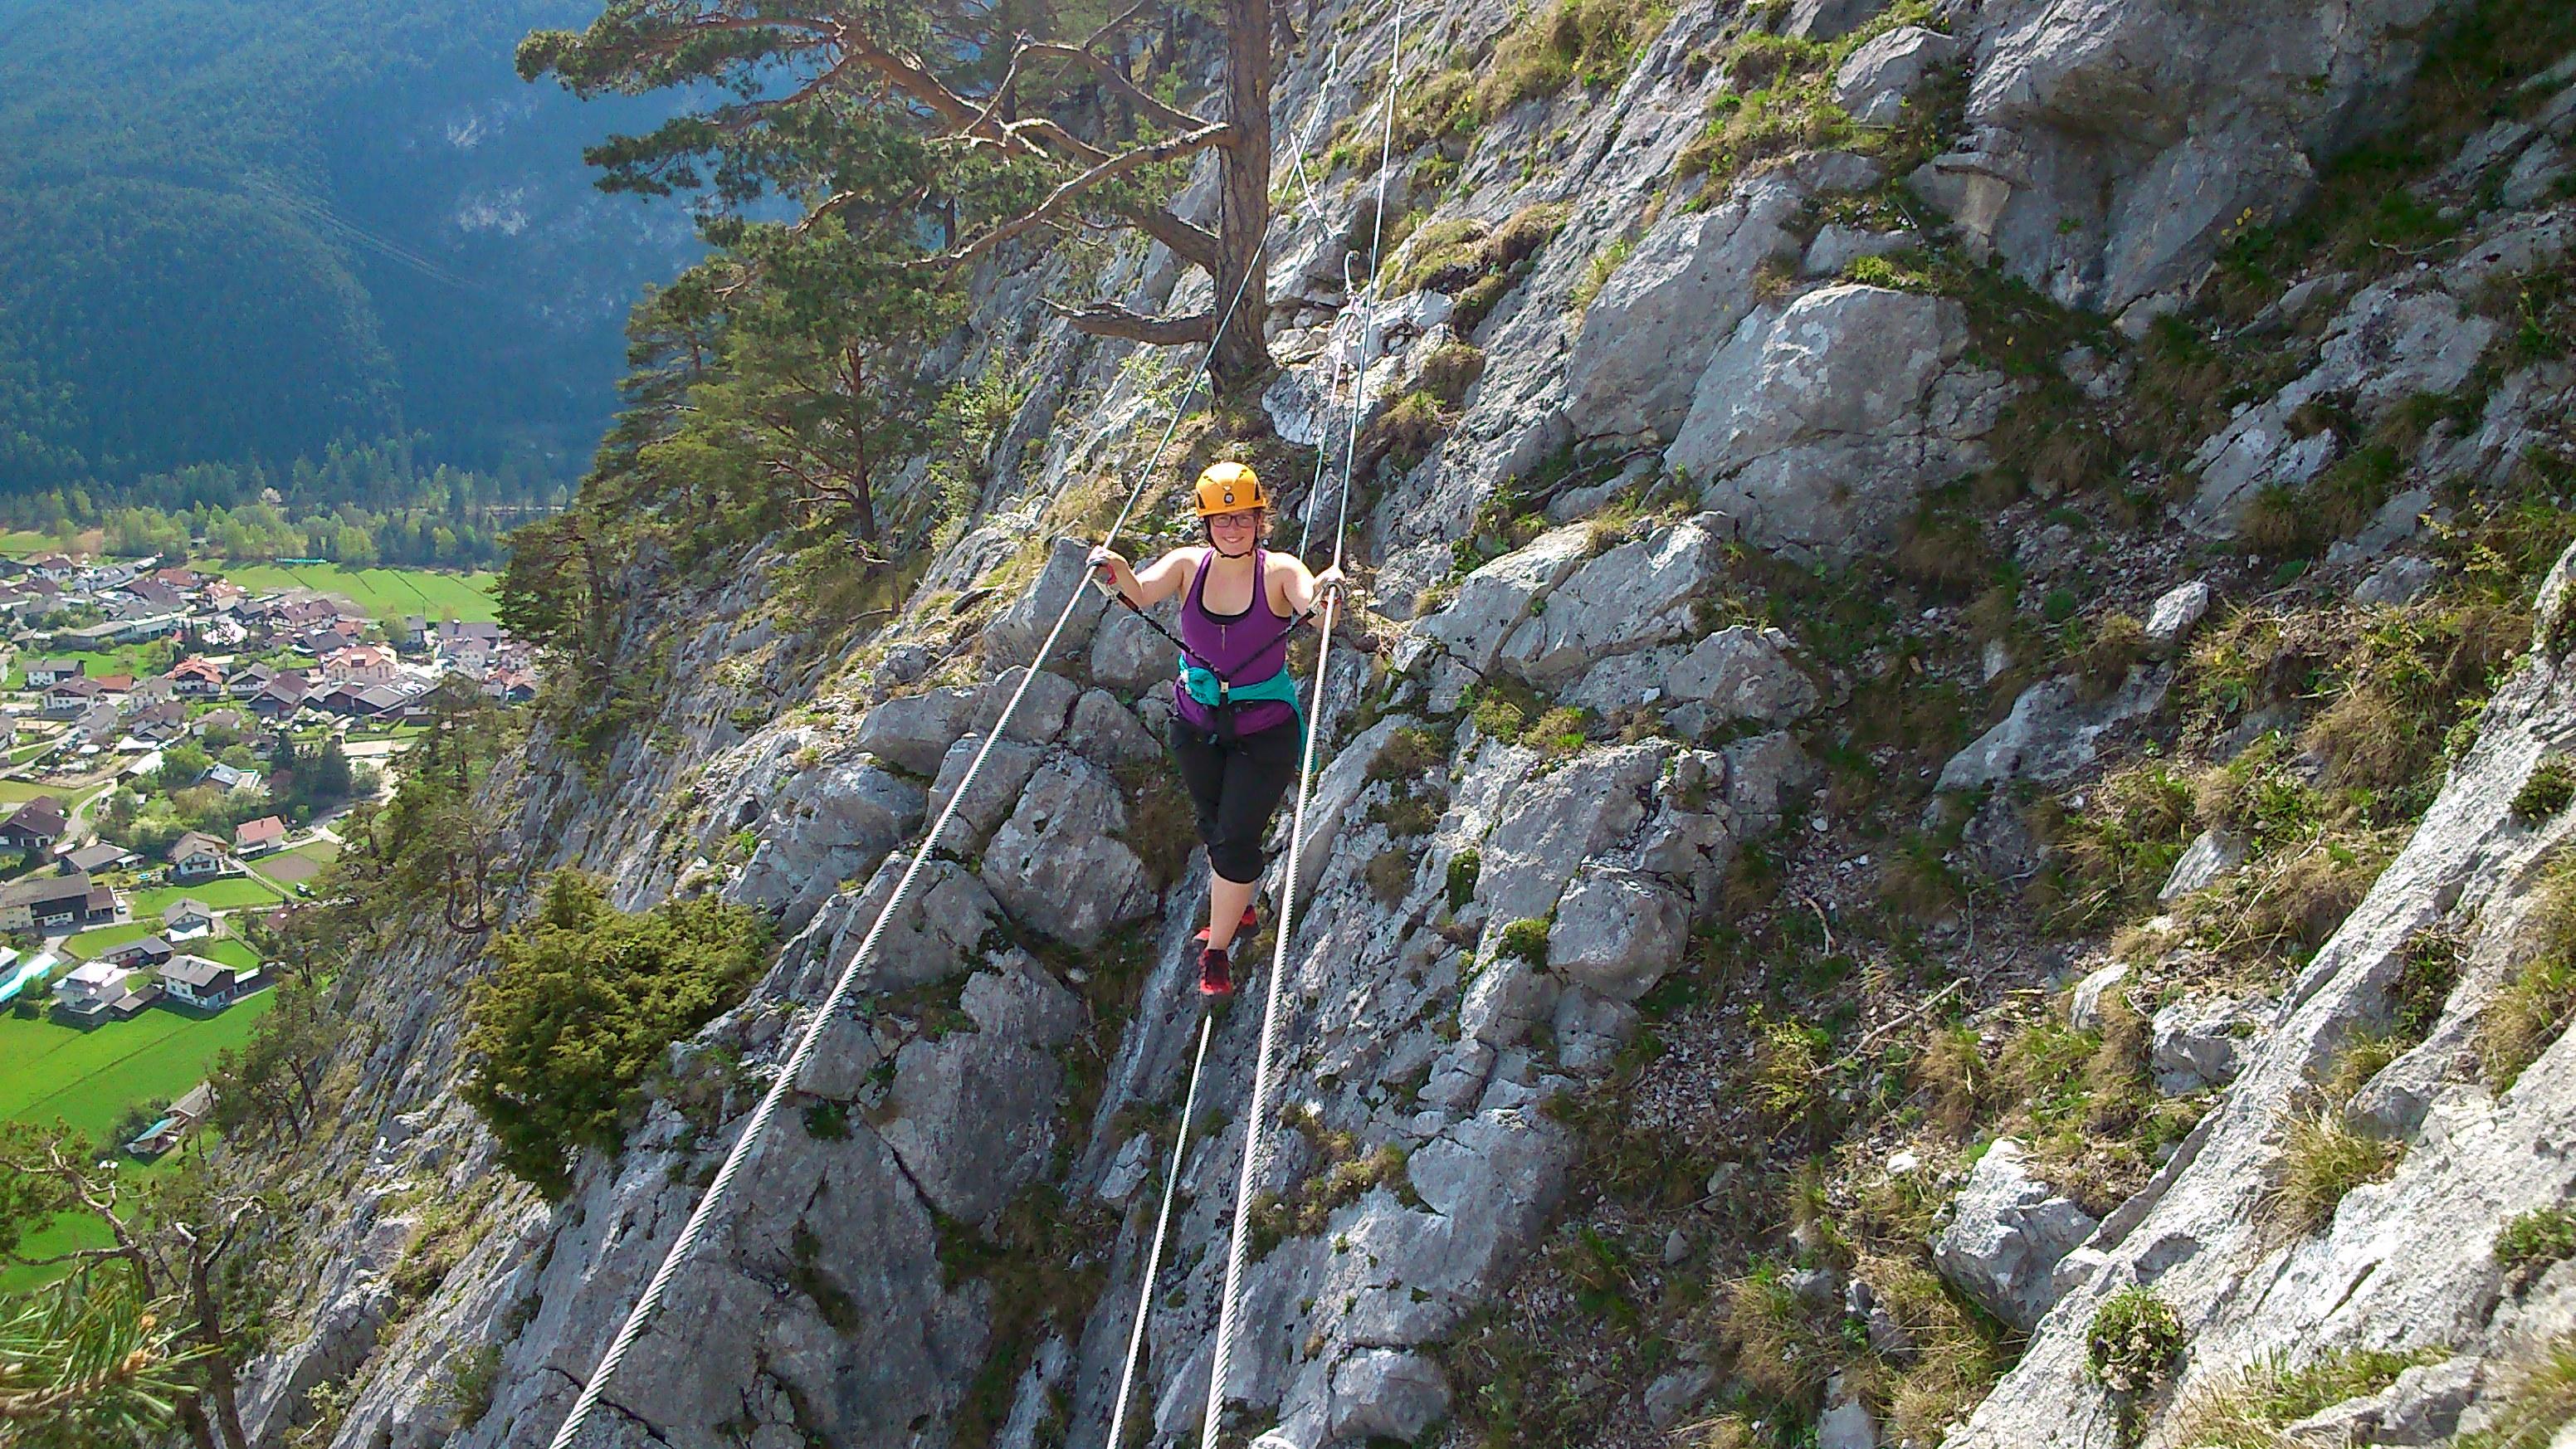 Klettersteig Nassereith : Kletterzentrum imst » leite klettersteig nassereith